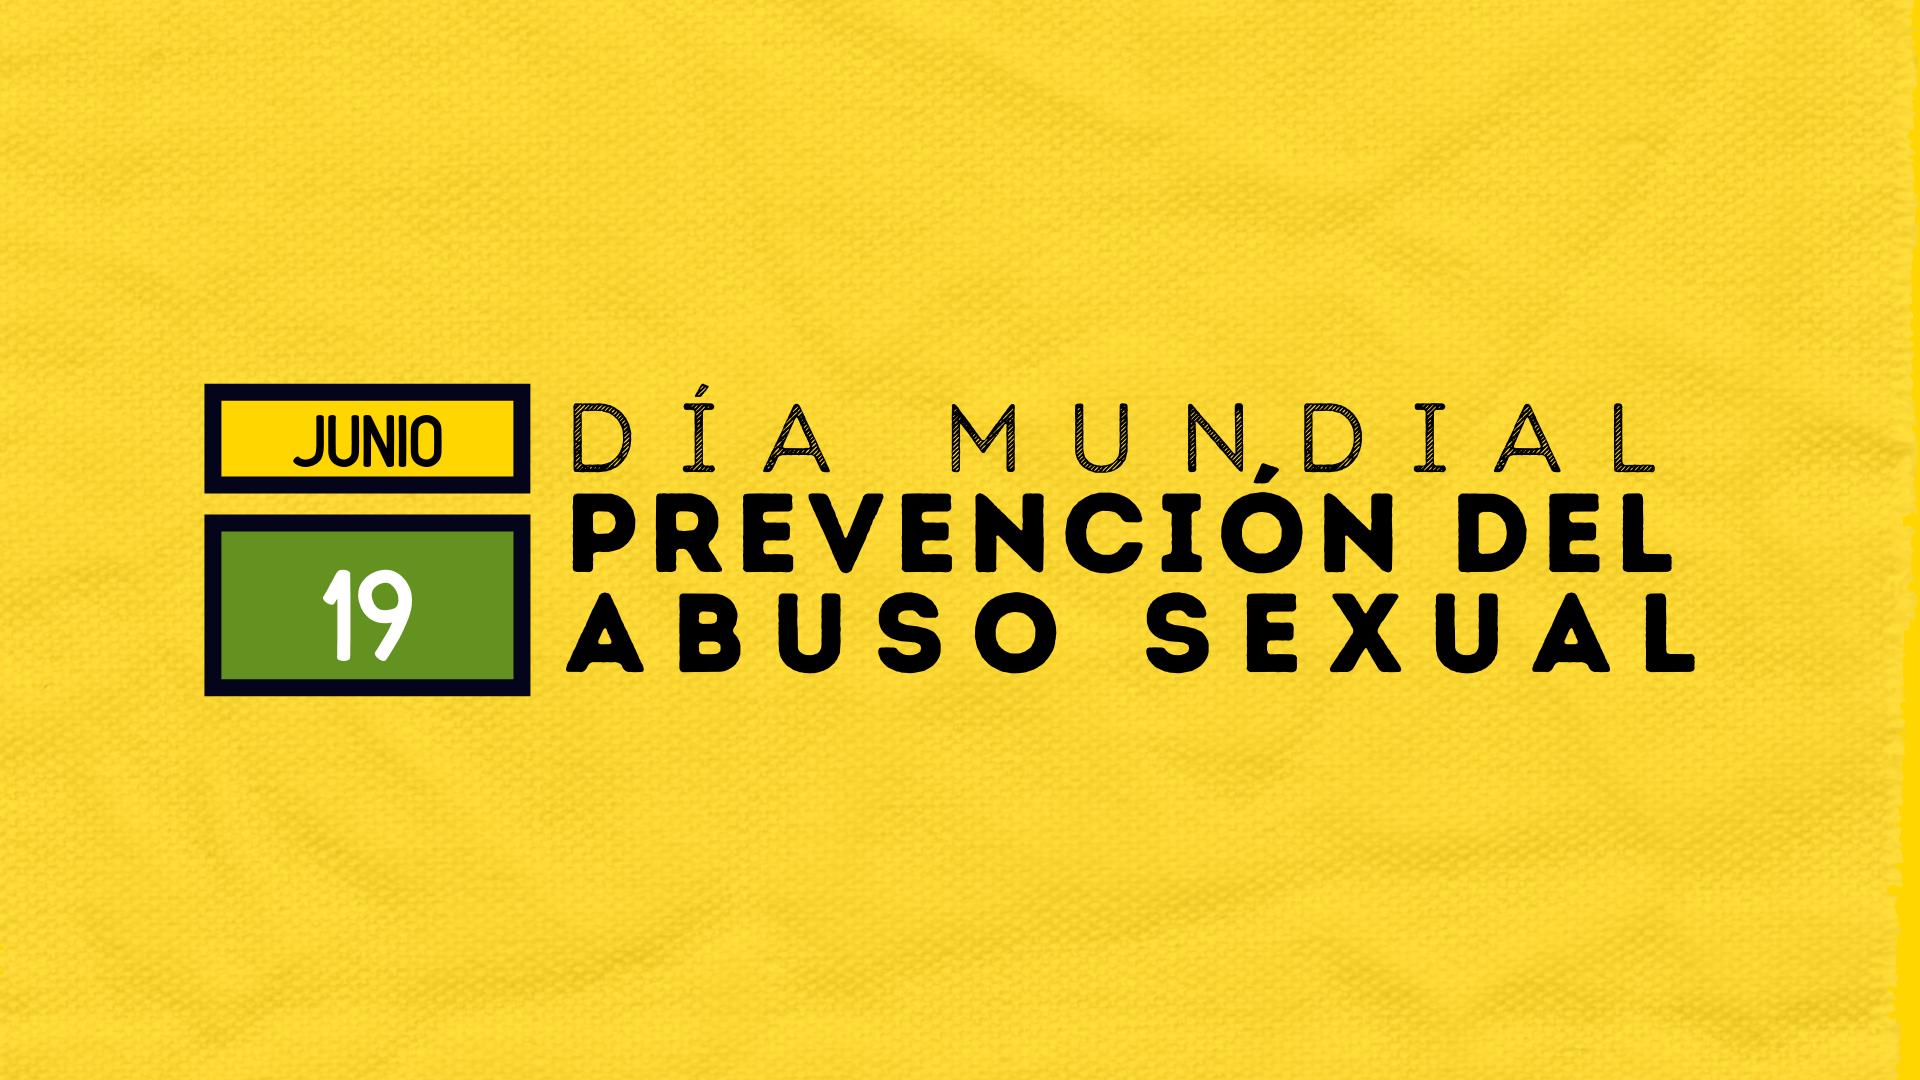 DÍA MUNDIAL PREVENCIÓN ABUSO SEXUAL